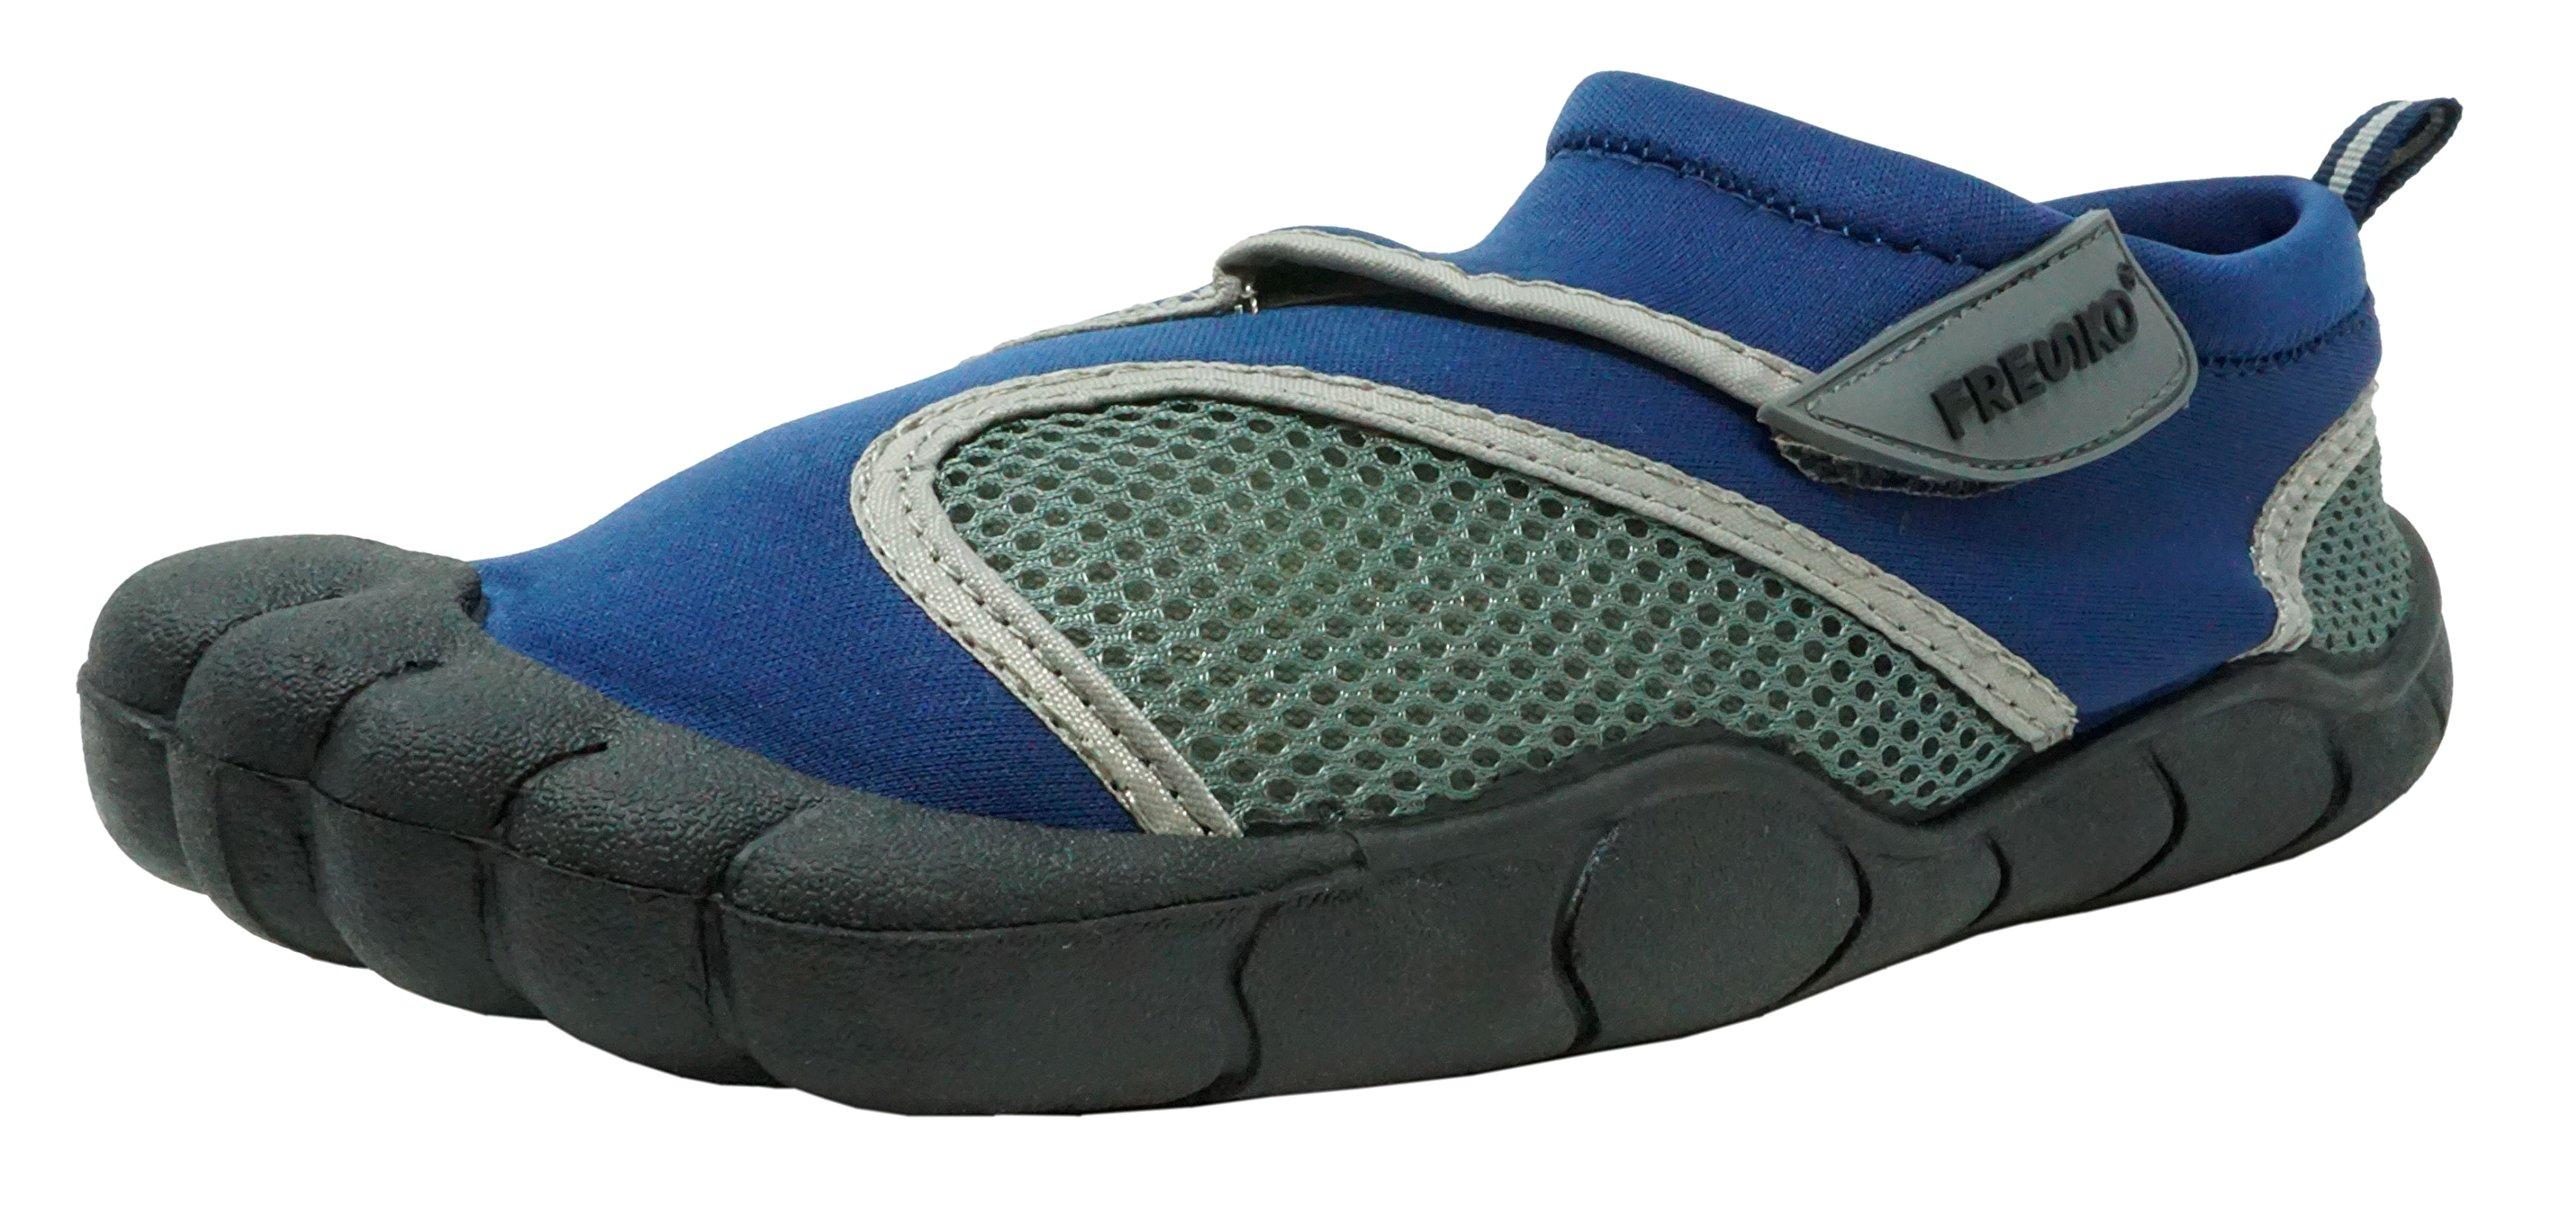 Fresko Men's Water Shoes, M1001, Navy, 8 M US